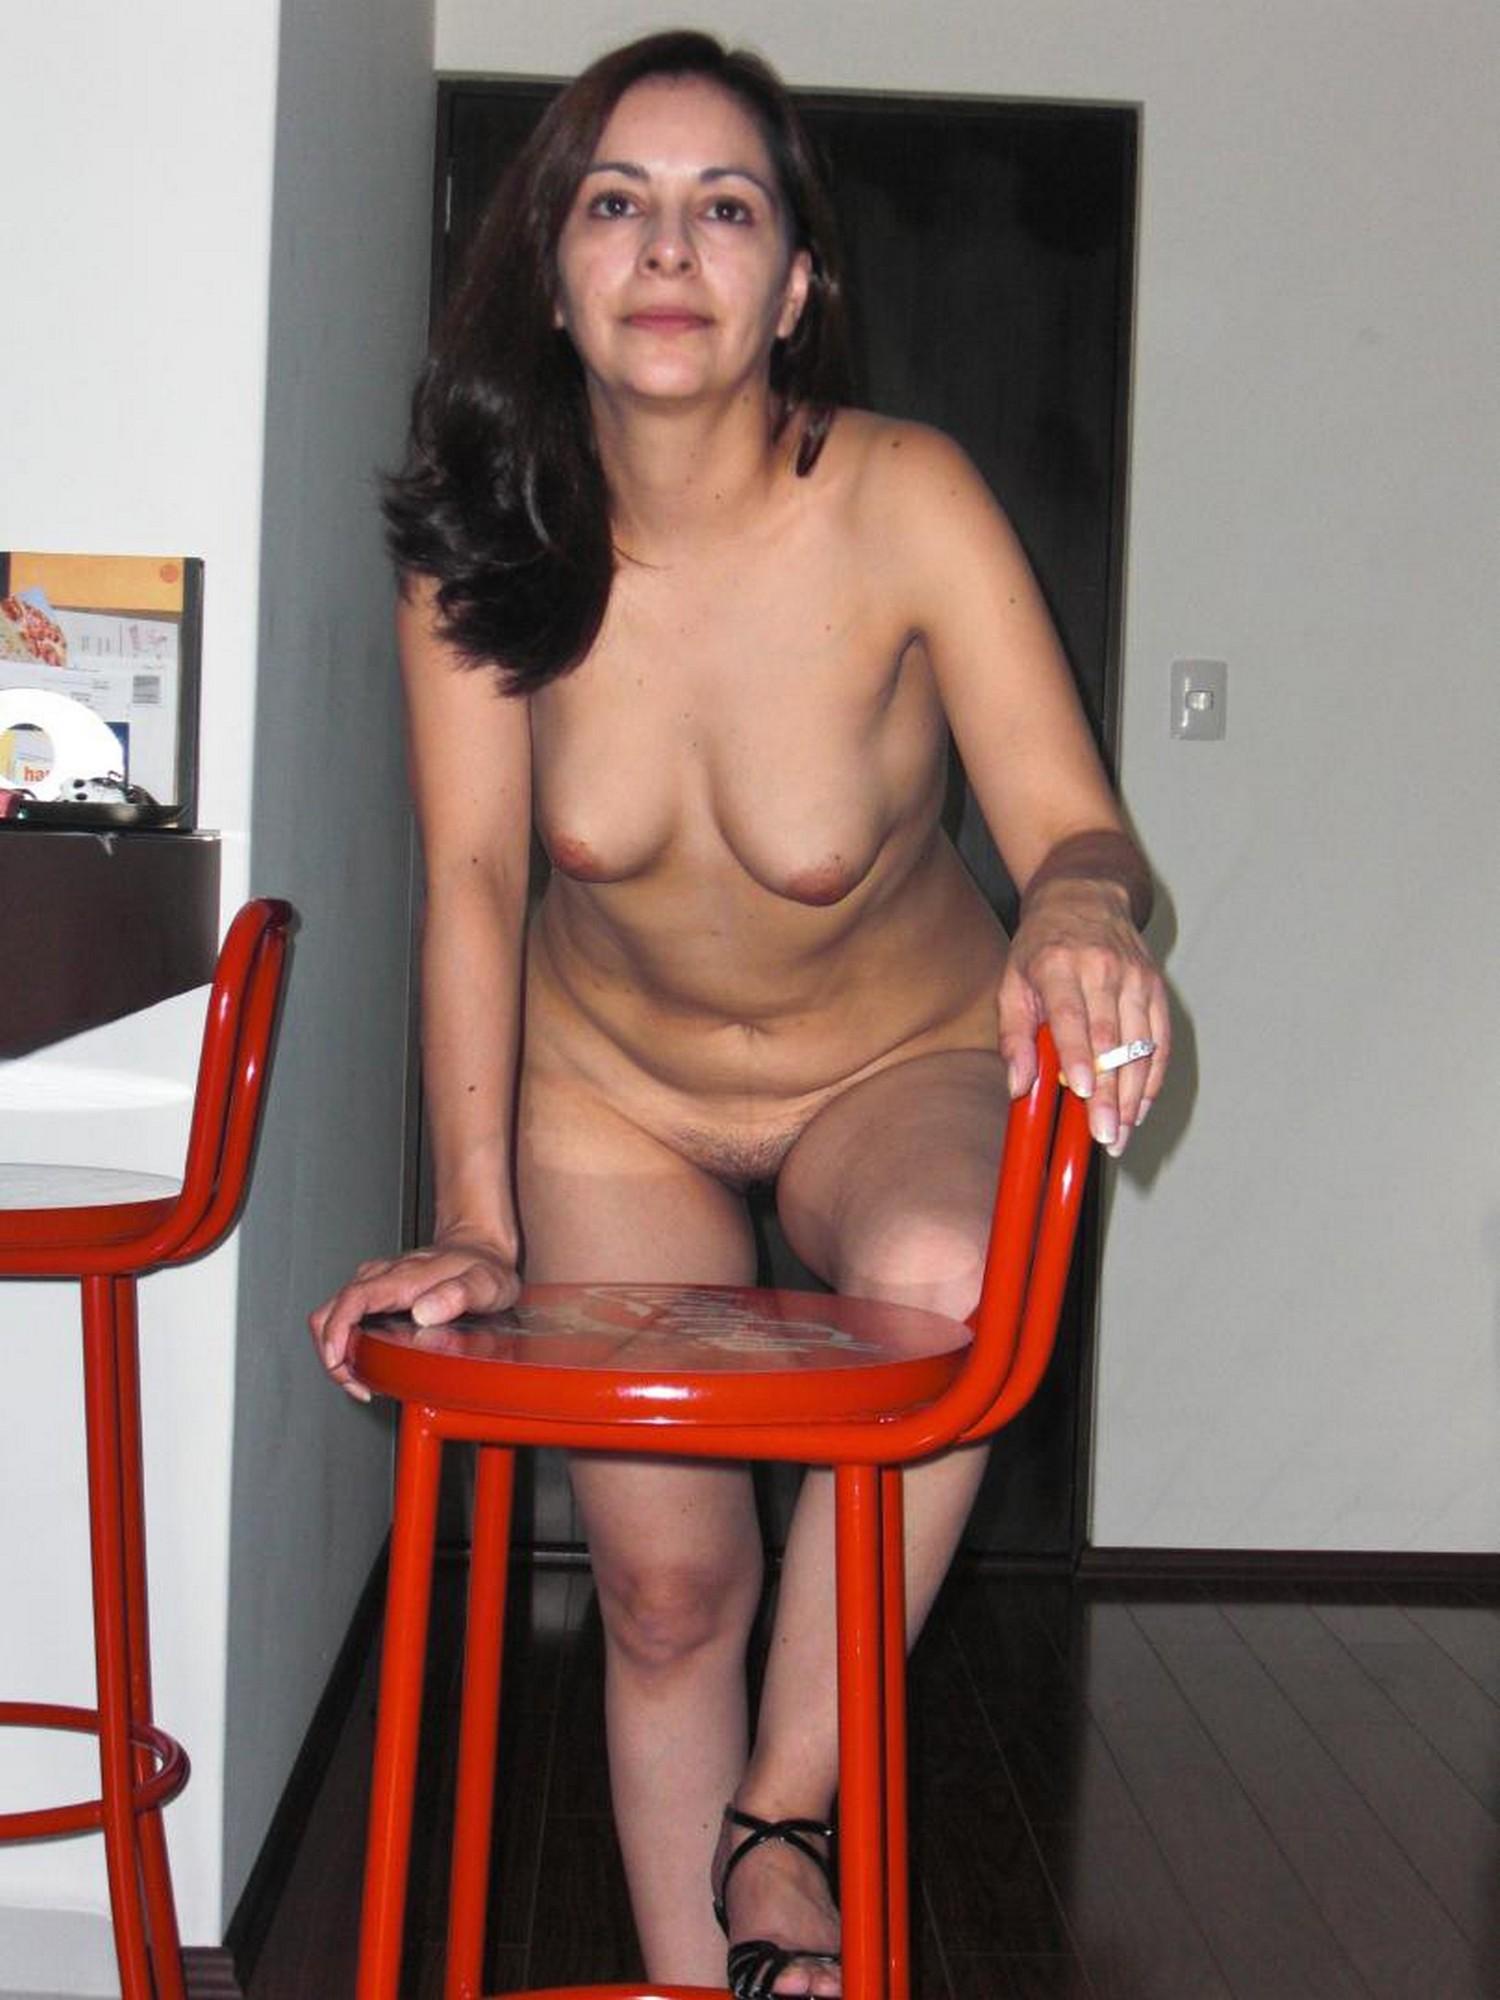 Полная женщина дома с радостью показывает волосатую промежность